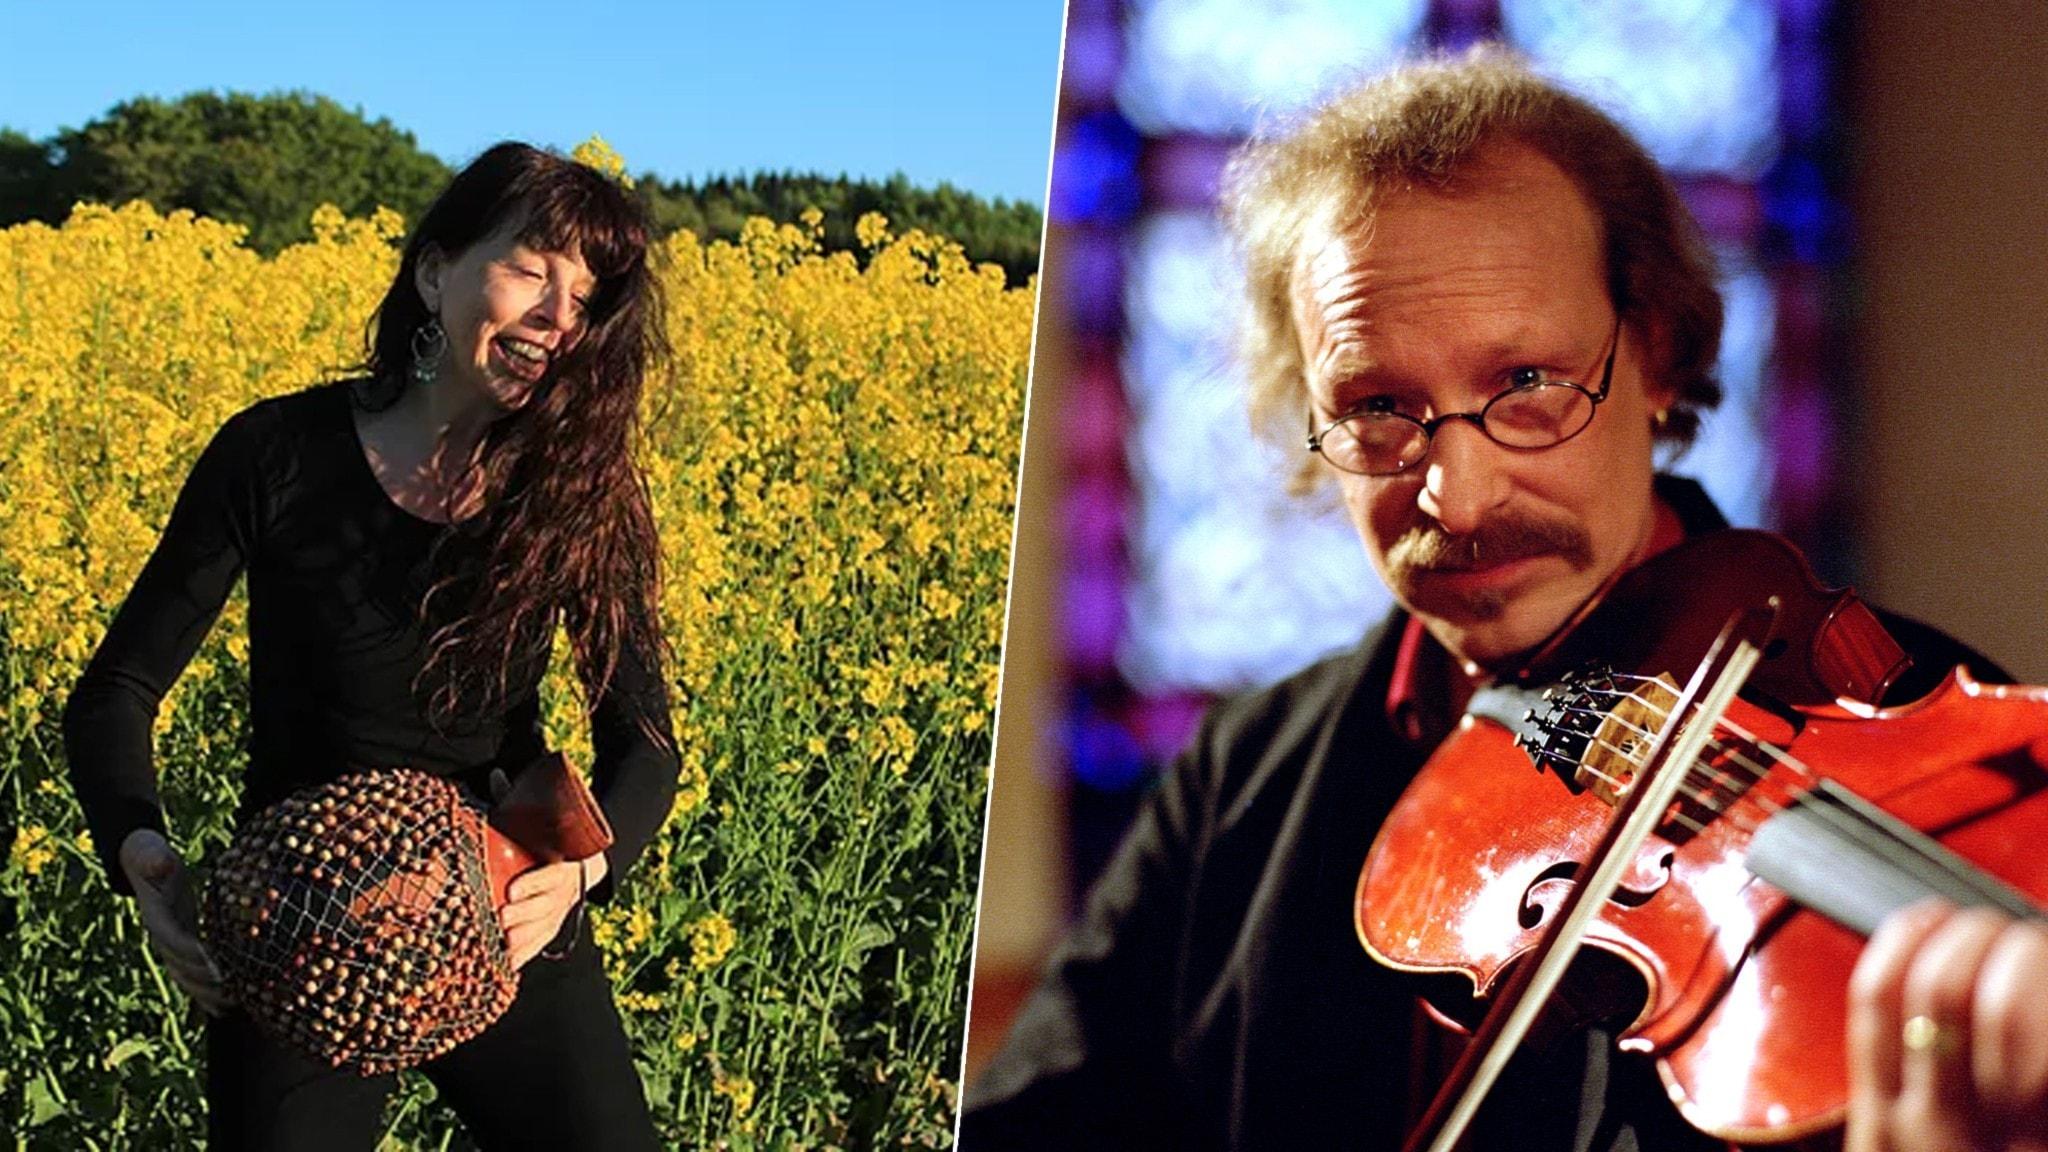 KONSERT: Kärleksfiol och berimbau med Mats Edén och Tina Quartey